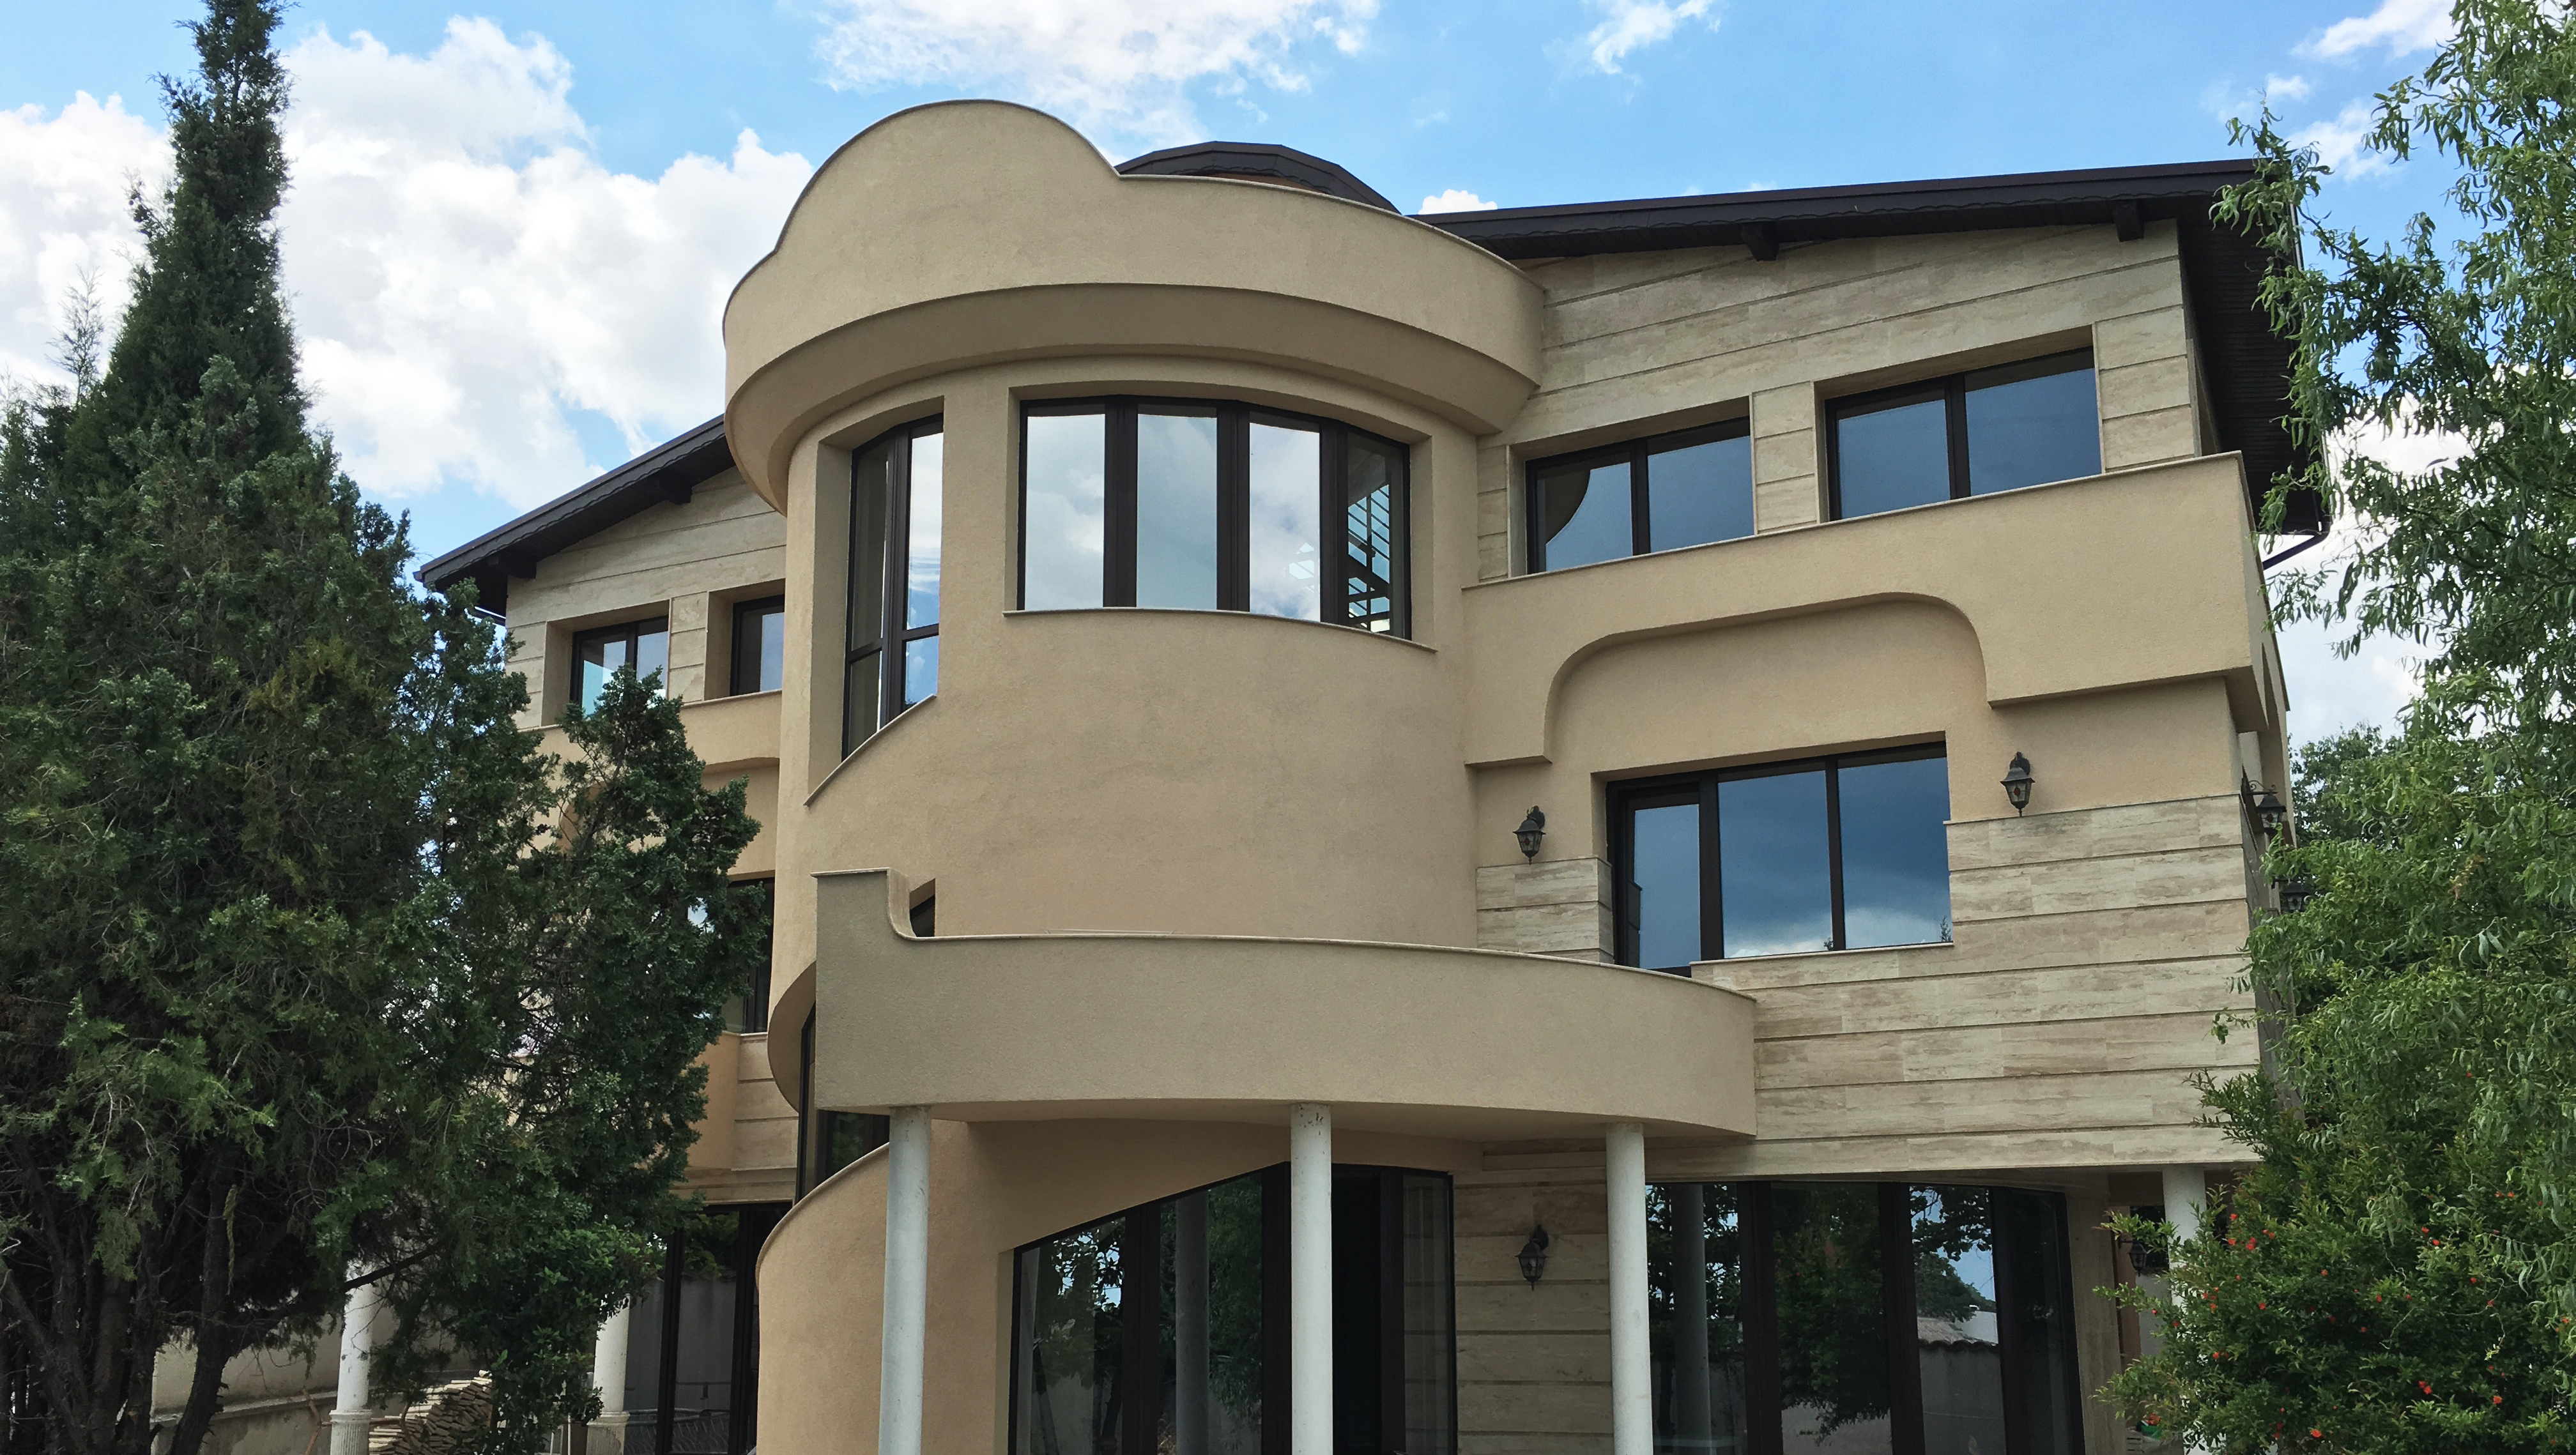 Рейтинг болгарских агентств недвижимости новый дом в дубае